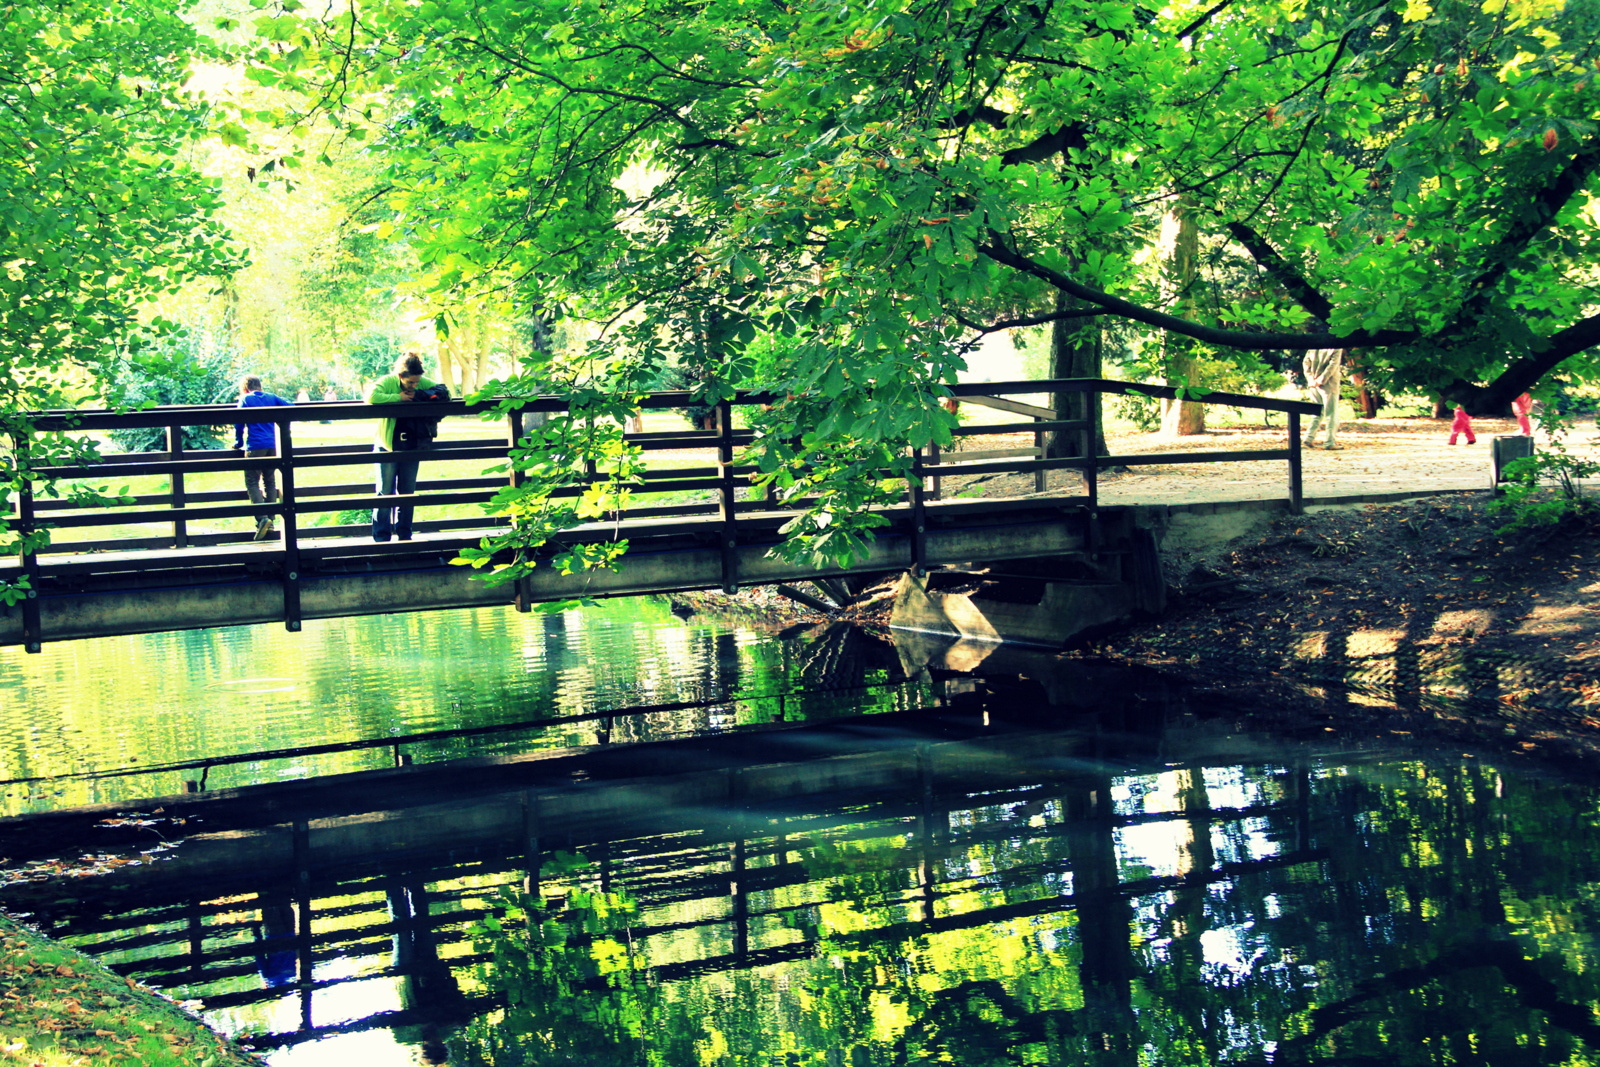 Spätsommer im Park